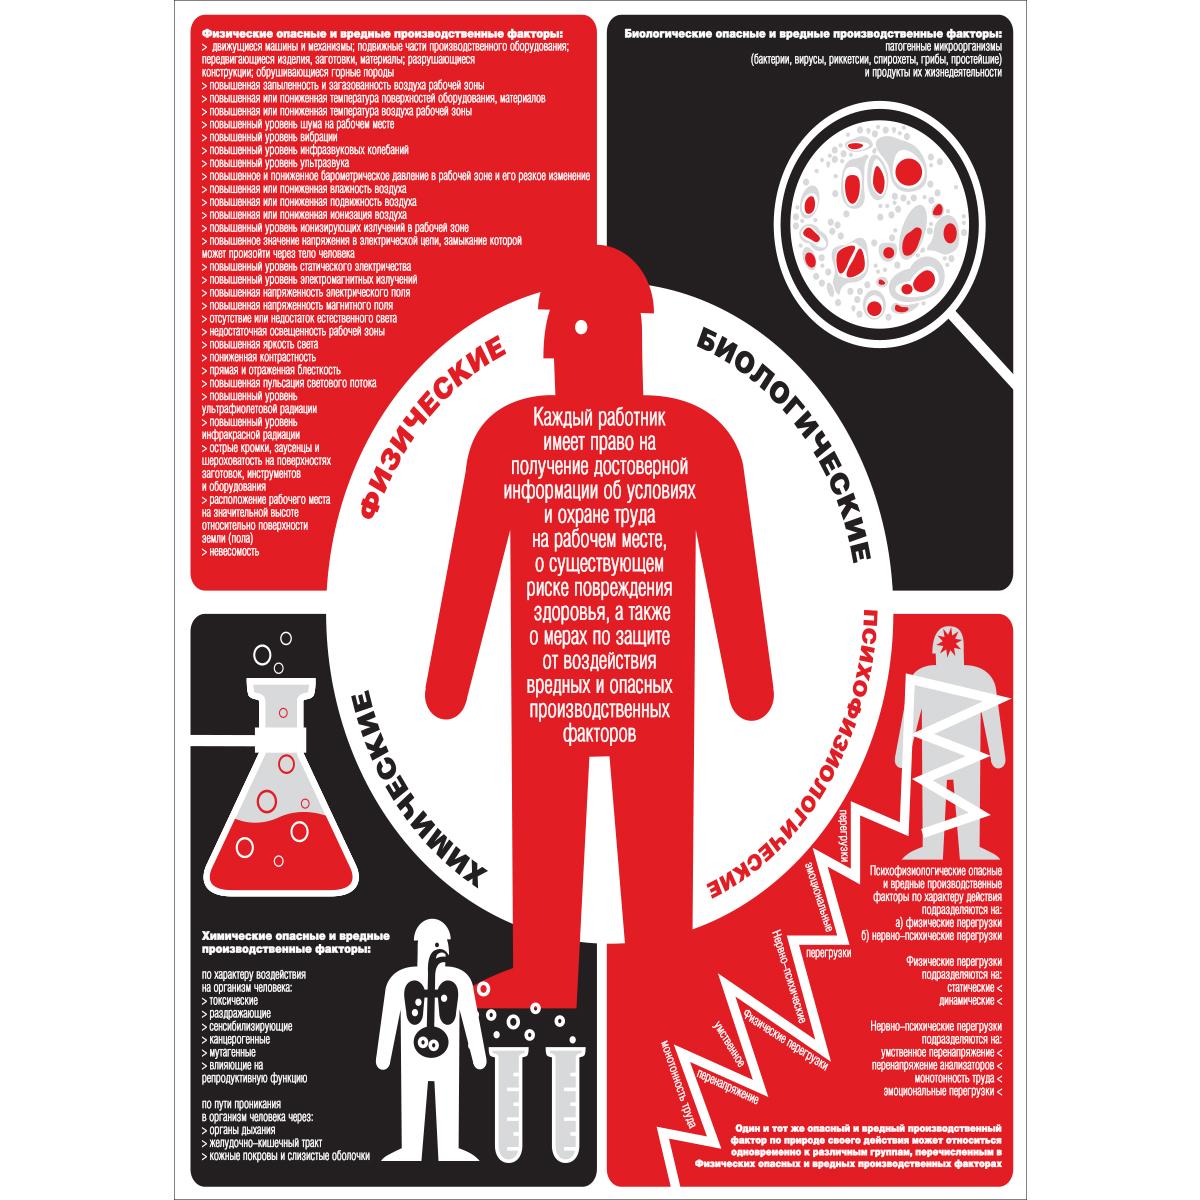 Вредные и опасные производственные факторы картинки